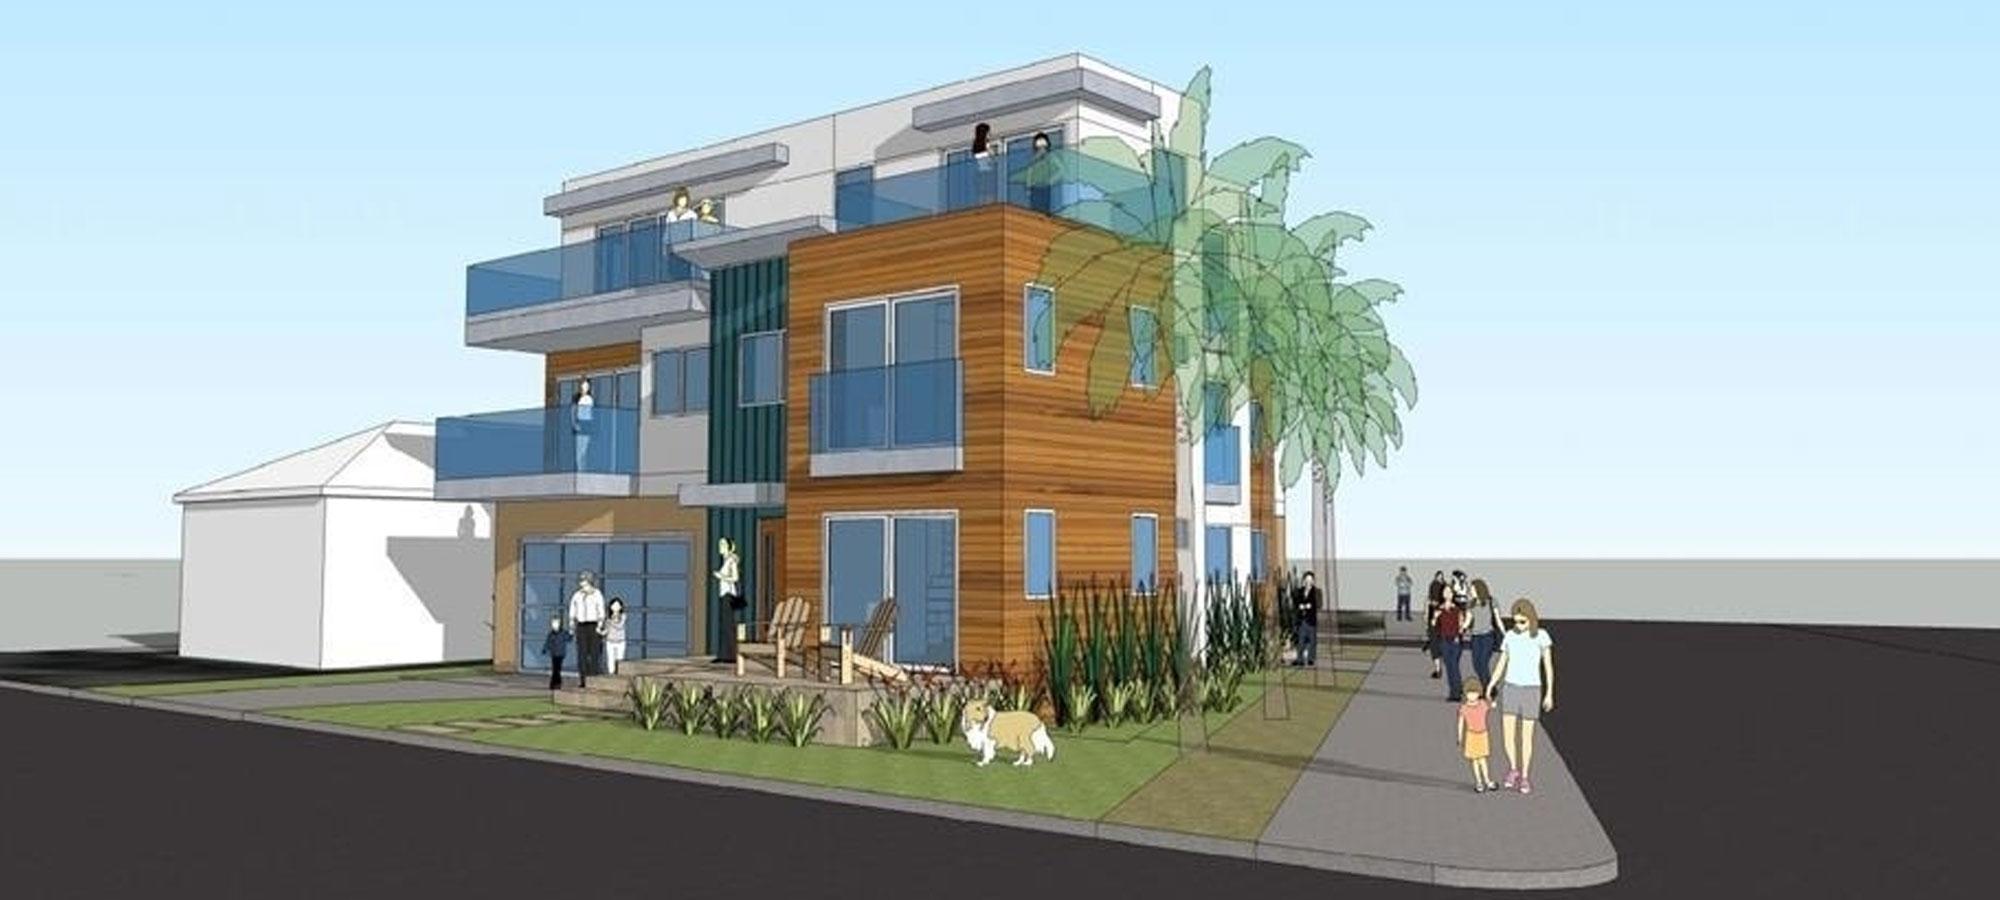 2695 Mission Blvd, San Diego, CA 92109